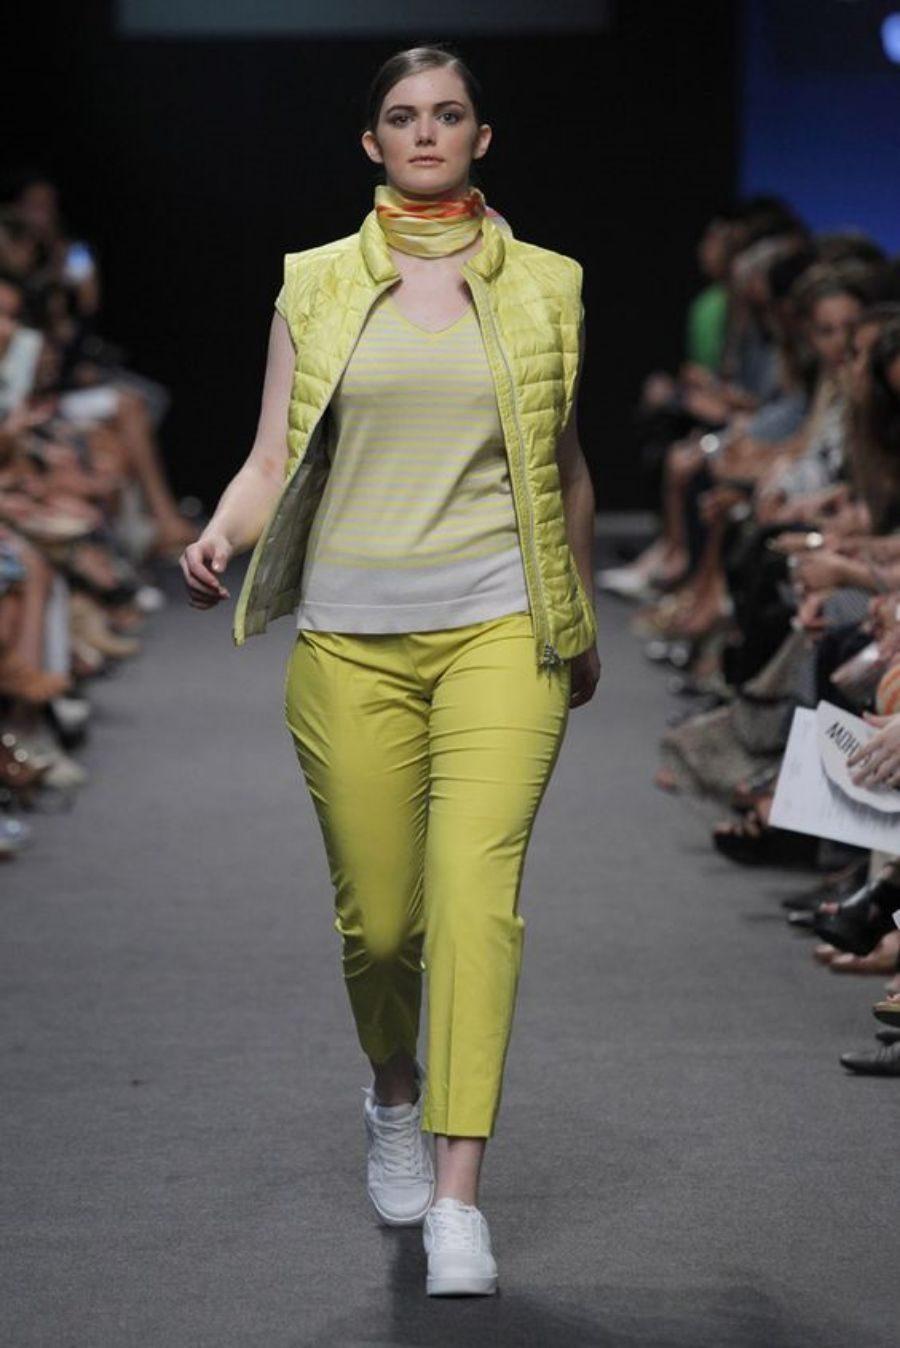 Moda plus size com estilo para o dia a dia